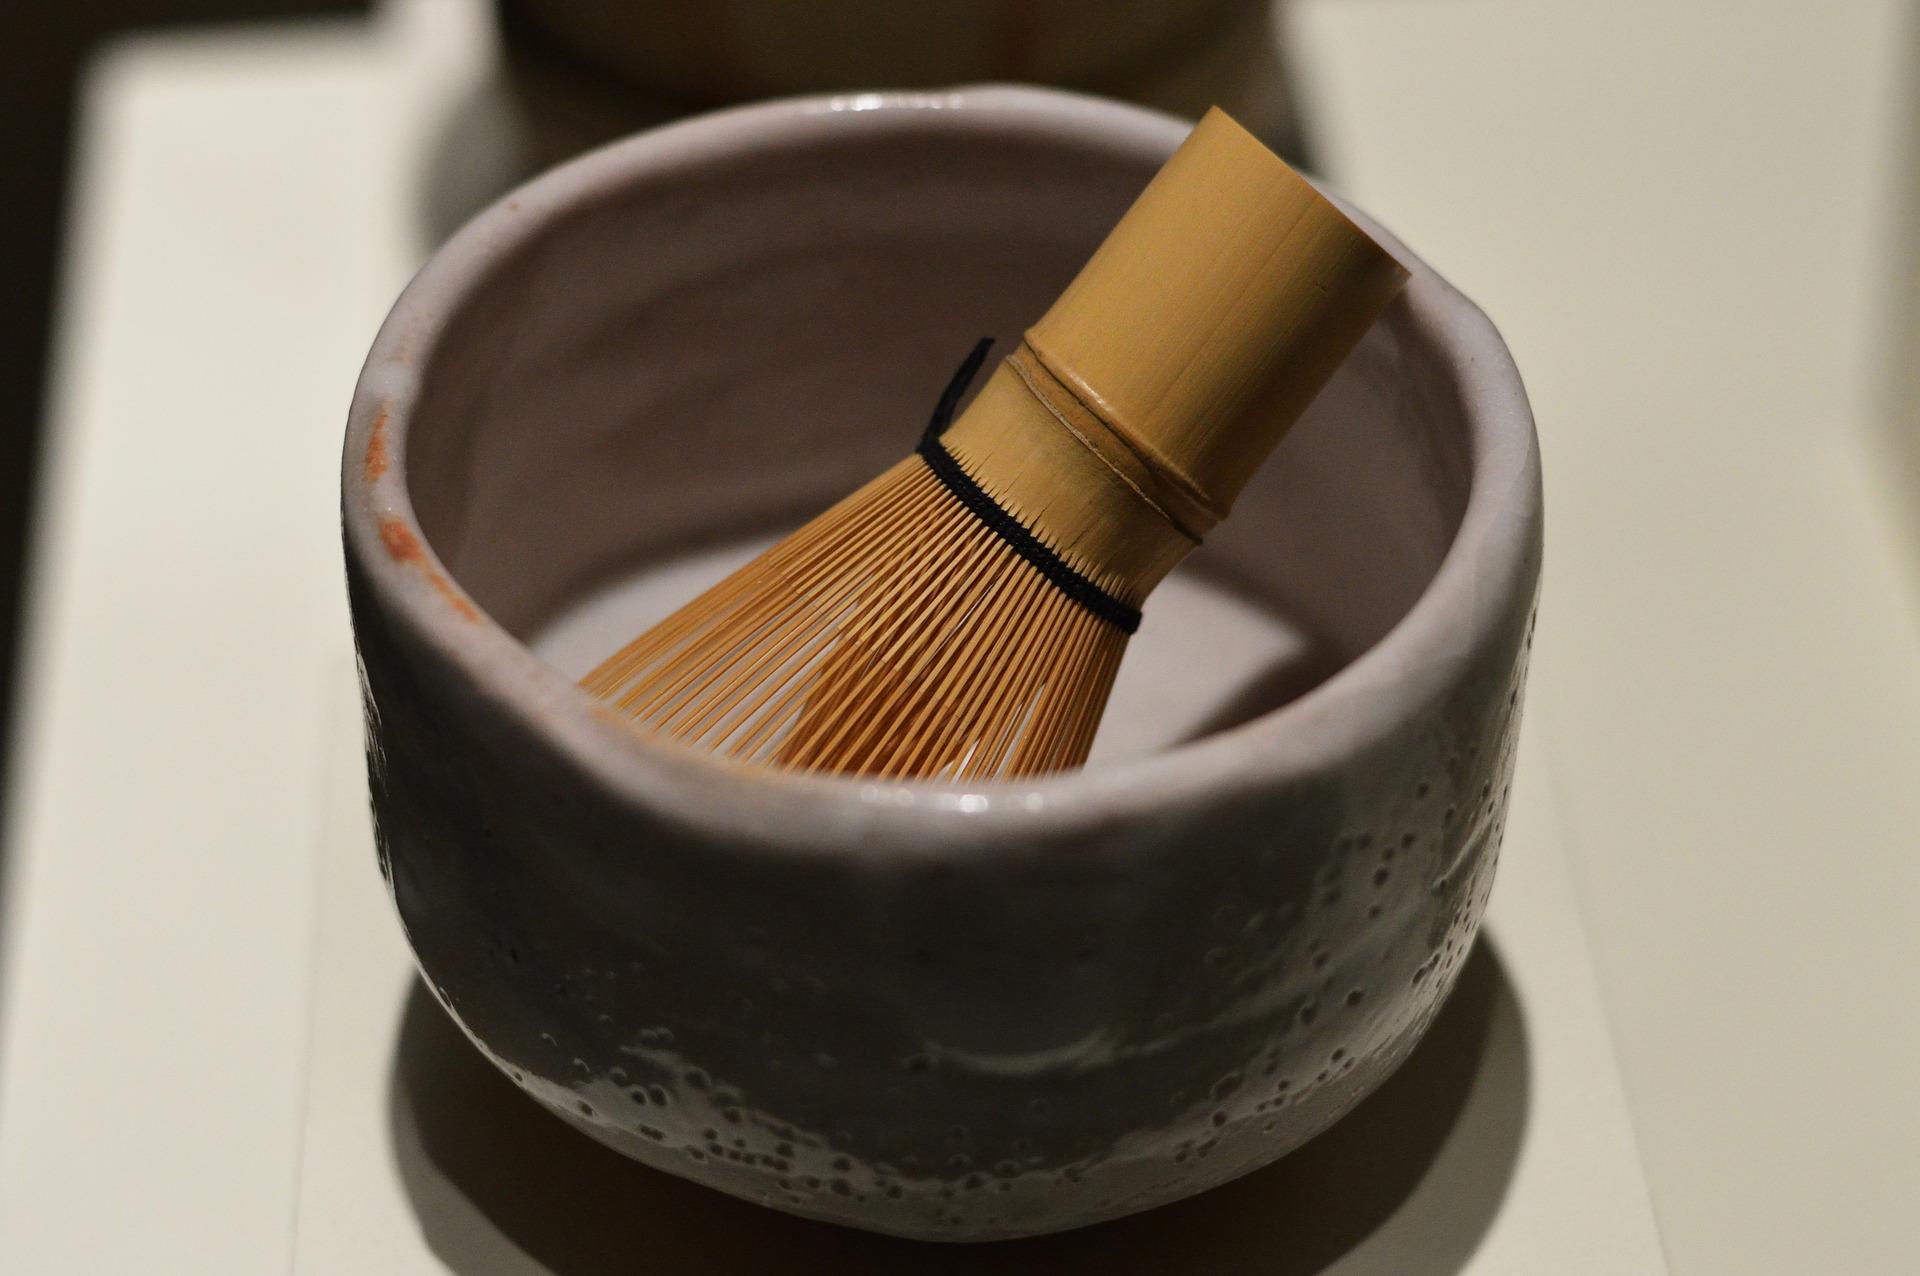 Chawan es el bowl o cuenco en donde se prepara la matcha y chasen, batidor de bambú para las ceremonias de té.